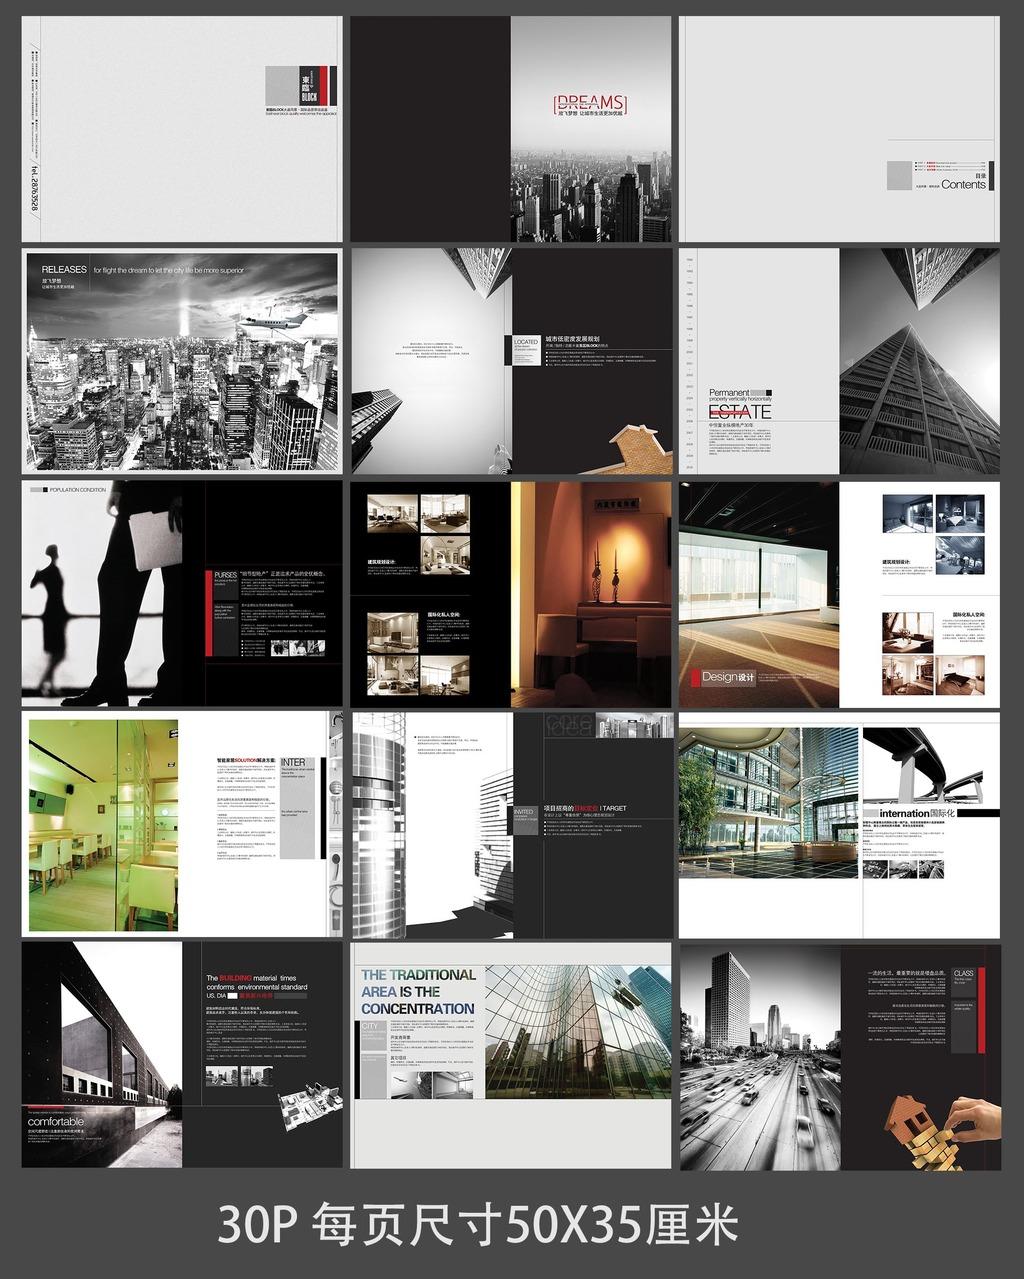 画册设计模板下载 画册设计图片下载 商业画册 招商画册 画册排版